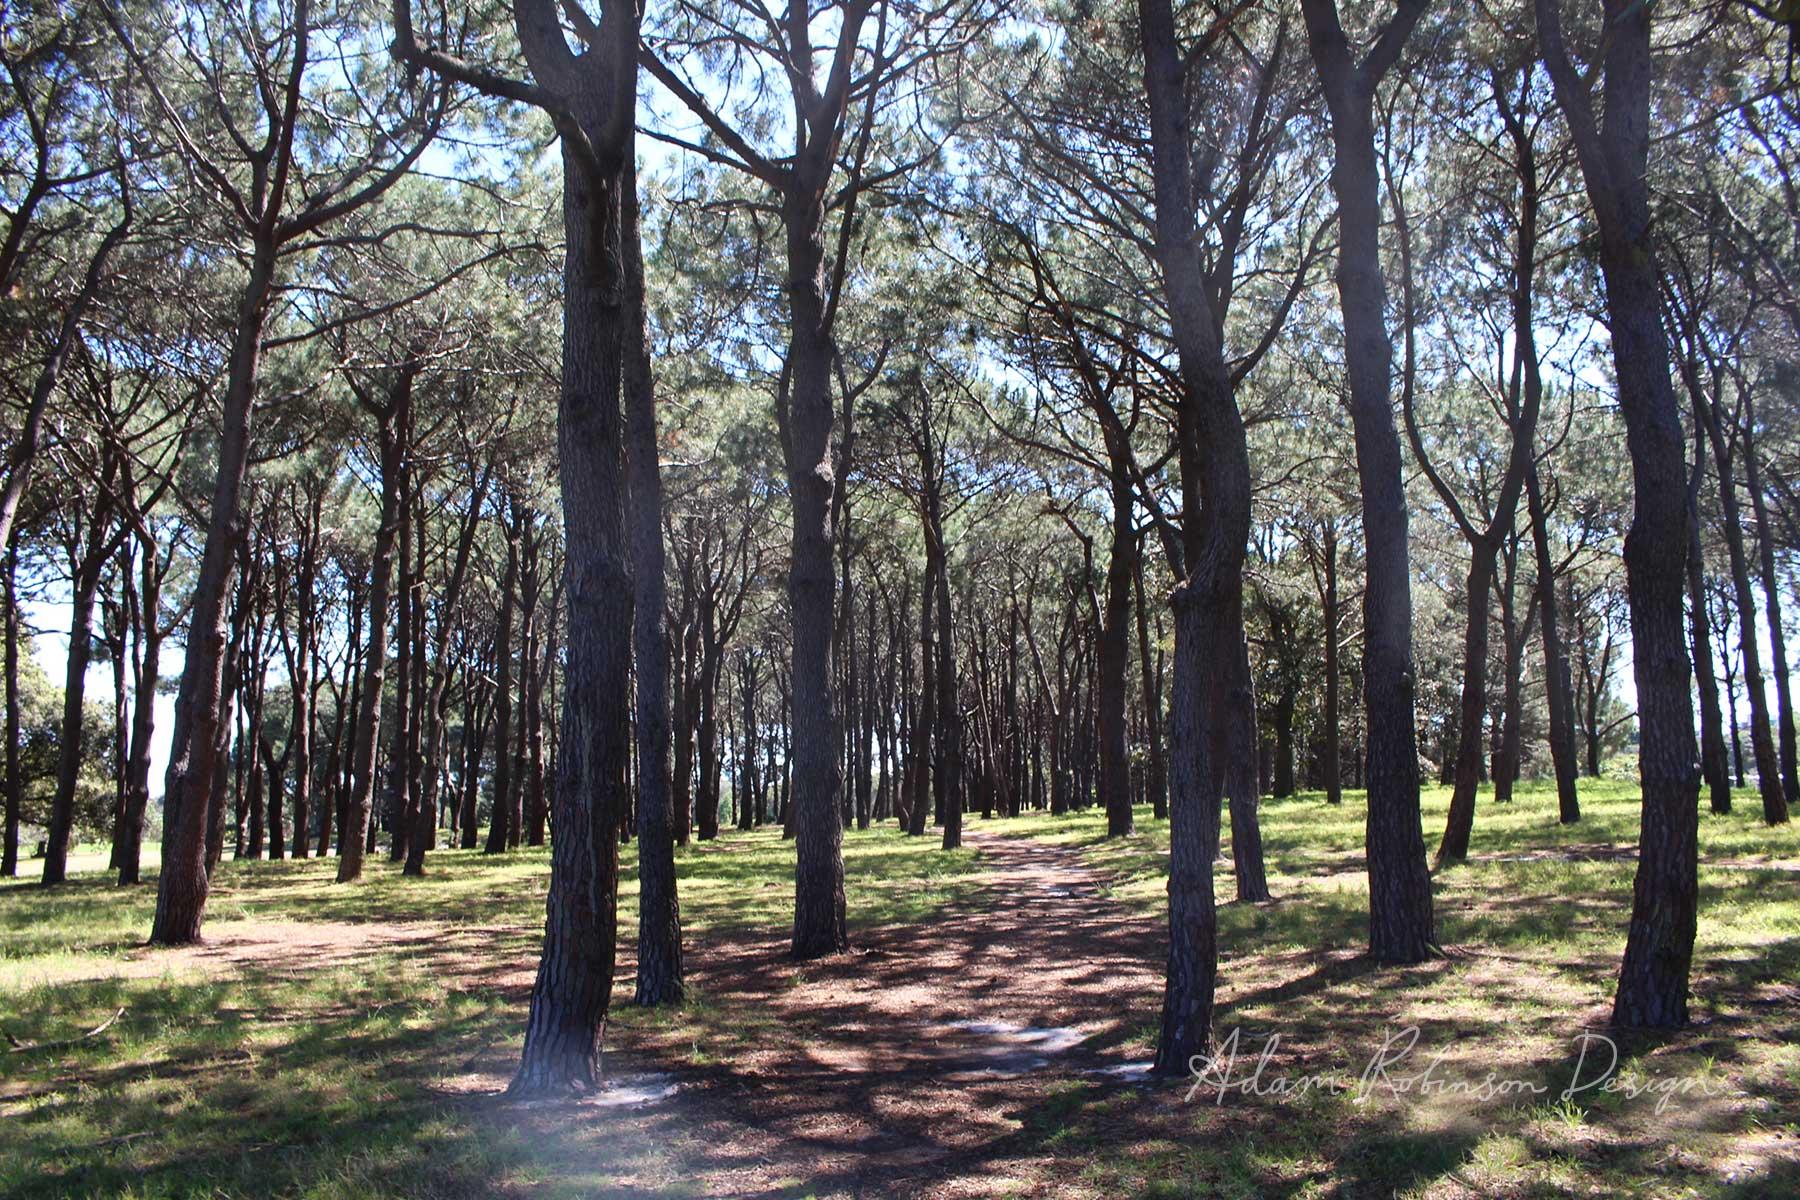 ©-Adam-Robinson-Design-Nurture-Your-Nature-Sydney's-First-Annual-Forest-Bathing-Event-01.jpg